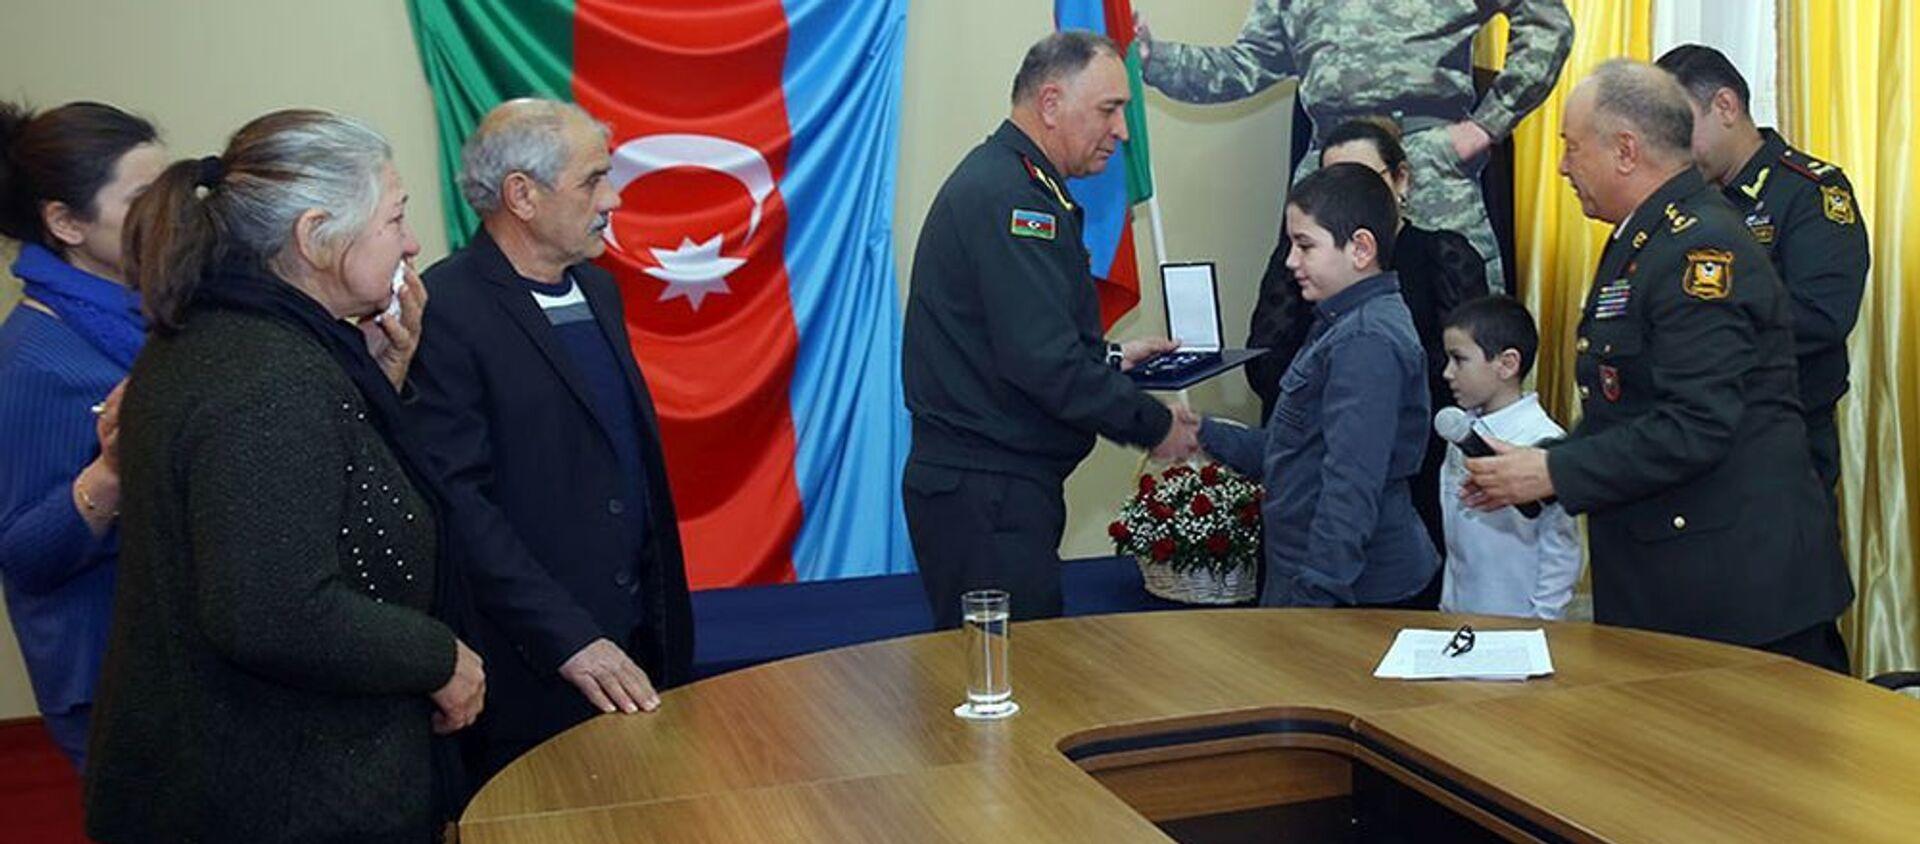 """Tabor komandirinin layiq görüldüyü """"NATO-nun Ləyaqətli Xidmət Medalı"""" şəhidin ailəsinə təqdim edilib - Sputnik Азербайджан, 1920, 20.02.2021"""